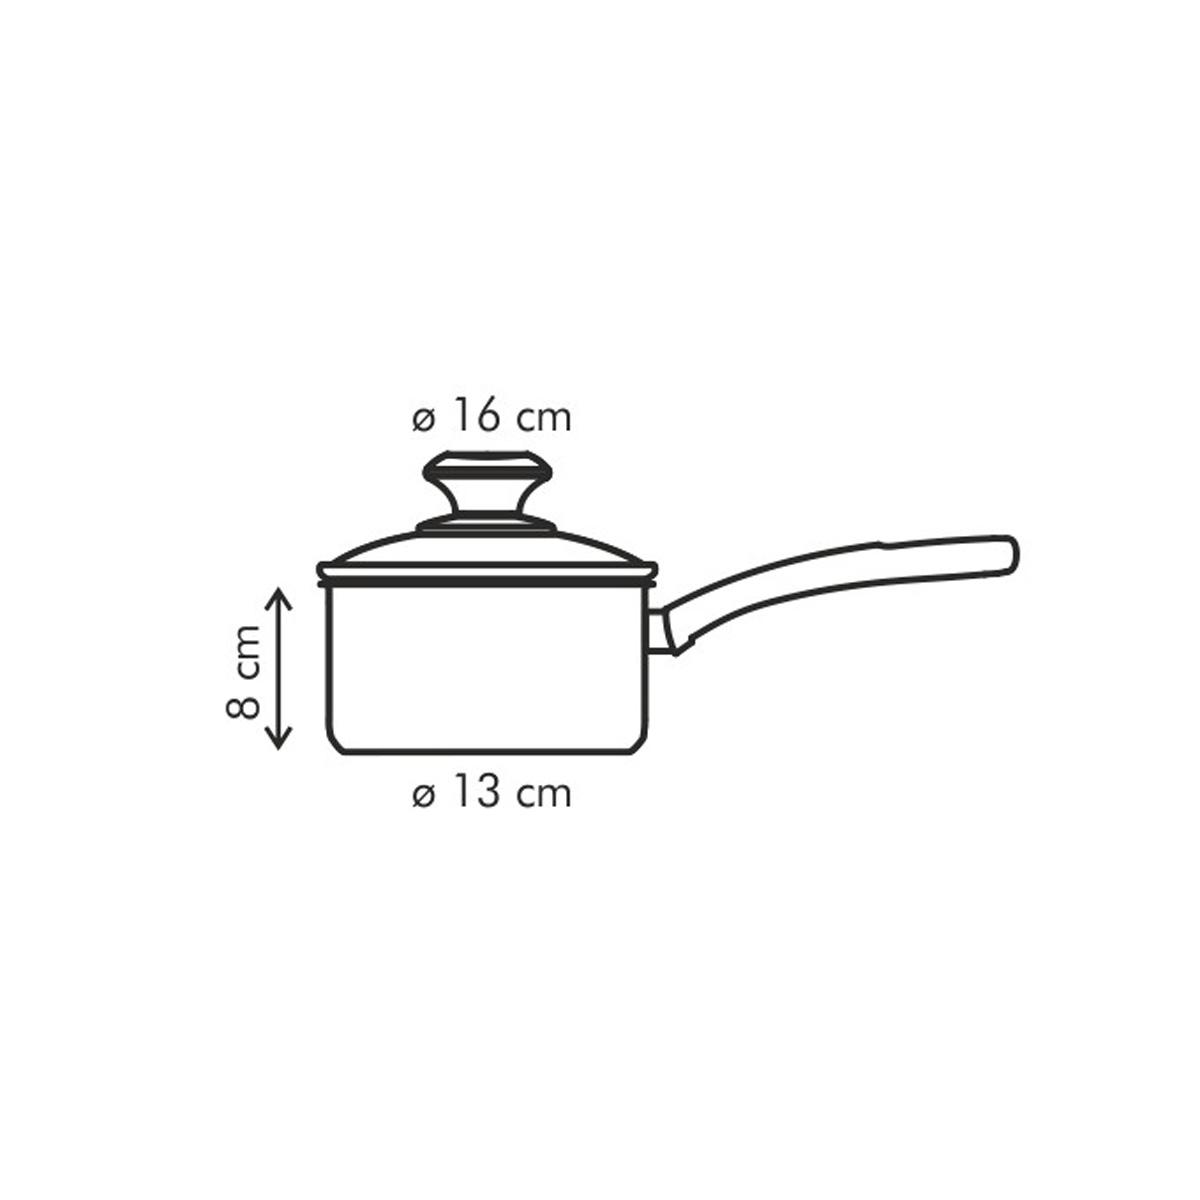 Rendlík PRESTO s poklicí ø 16 cm, 1.4 l, antiadhezní povlak